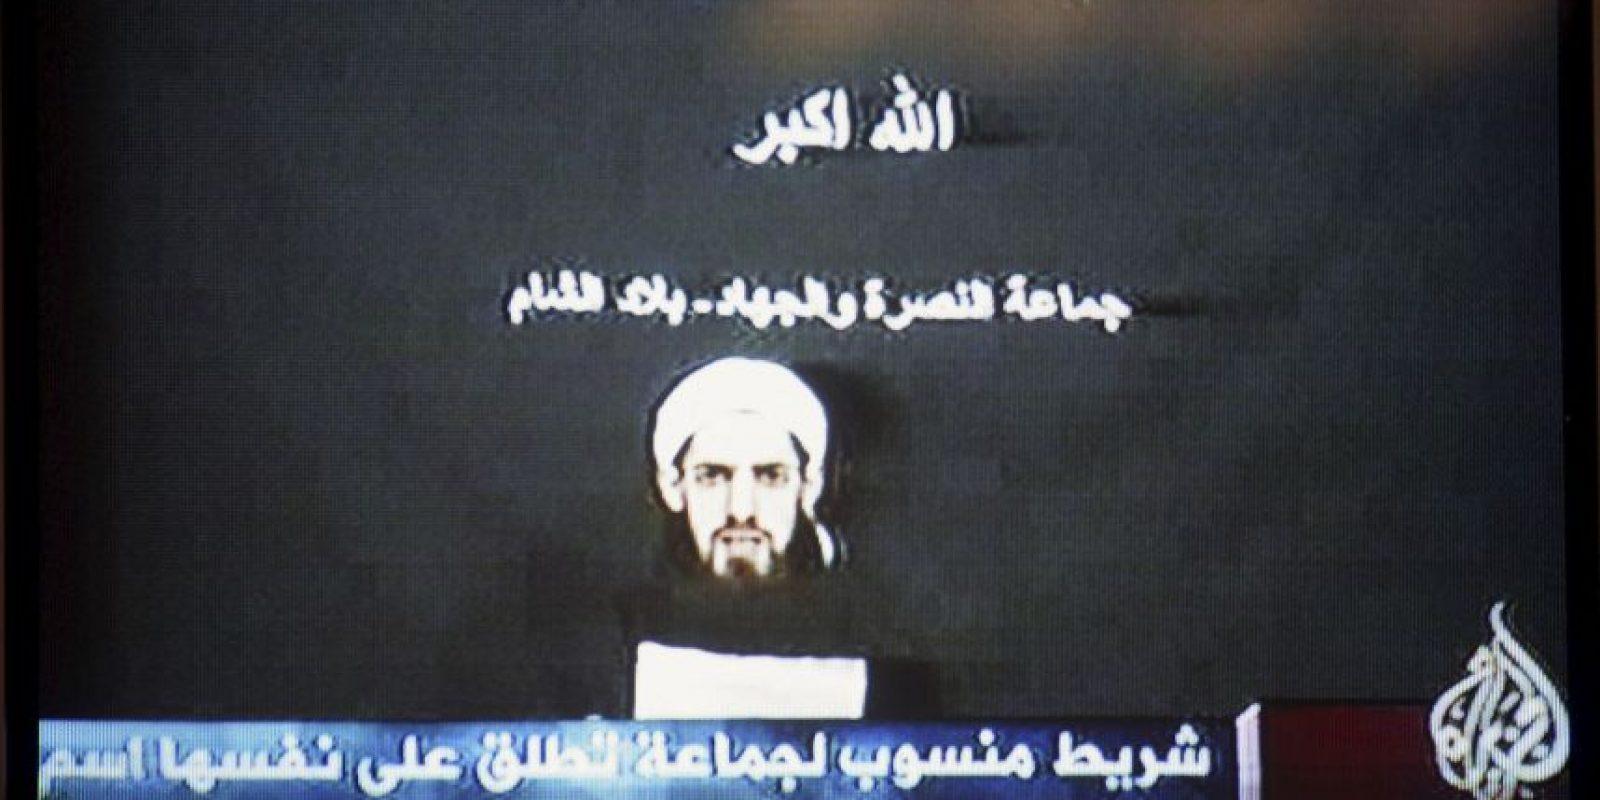 El grupo anunció su creación el 23 de enero de 2012 durante la guerra civil siria. Foto:Getty Images